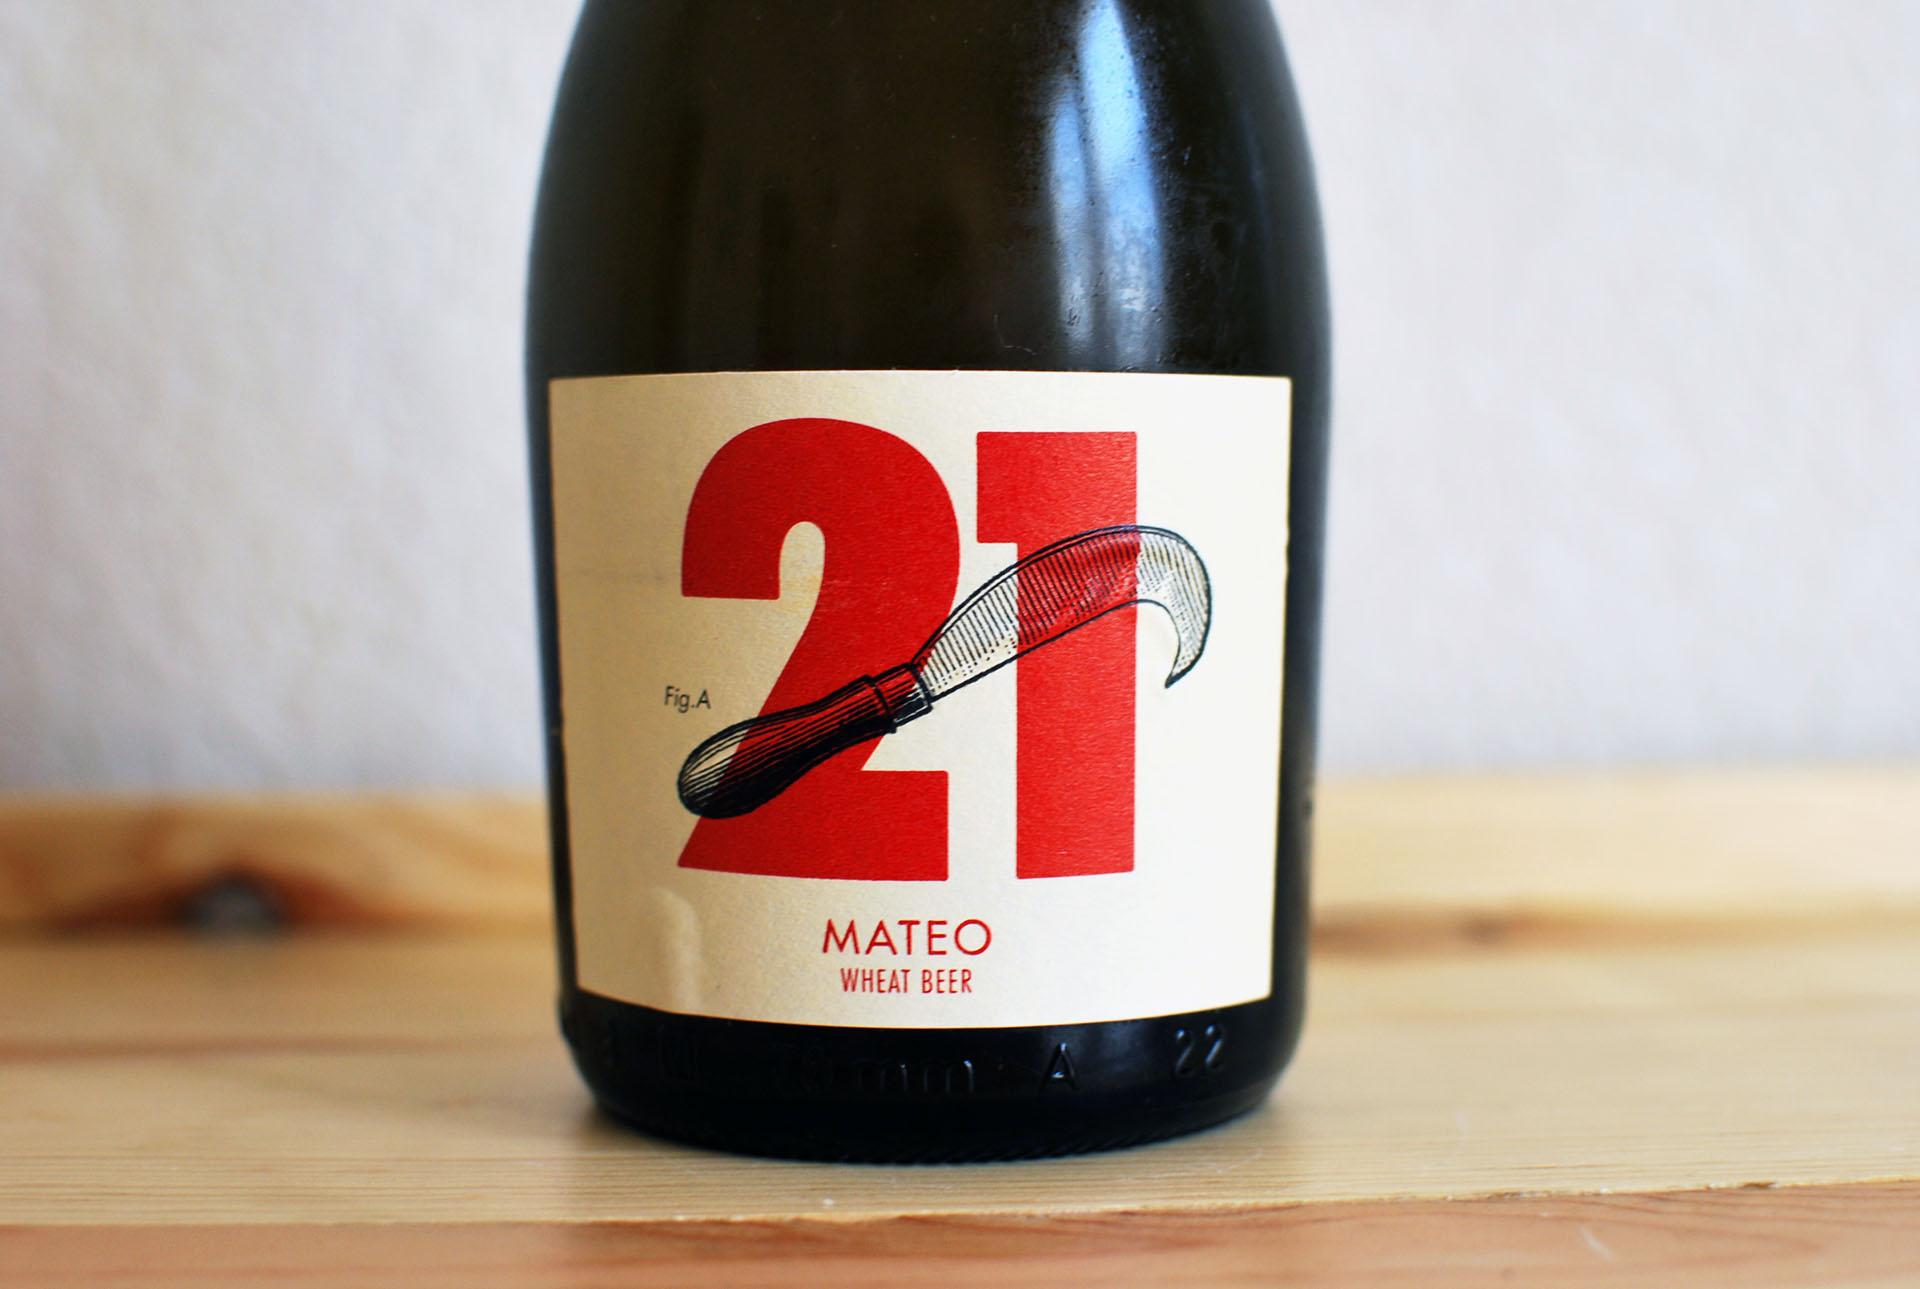 Mateo 21